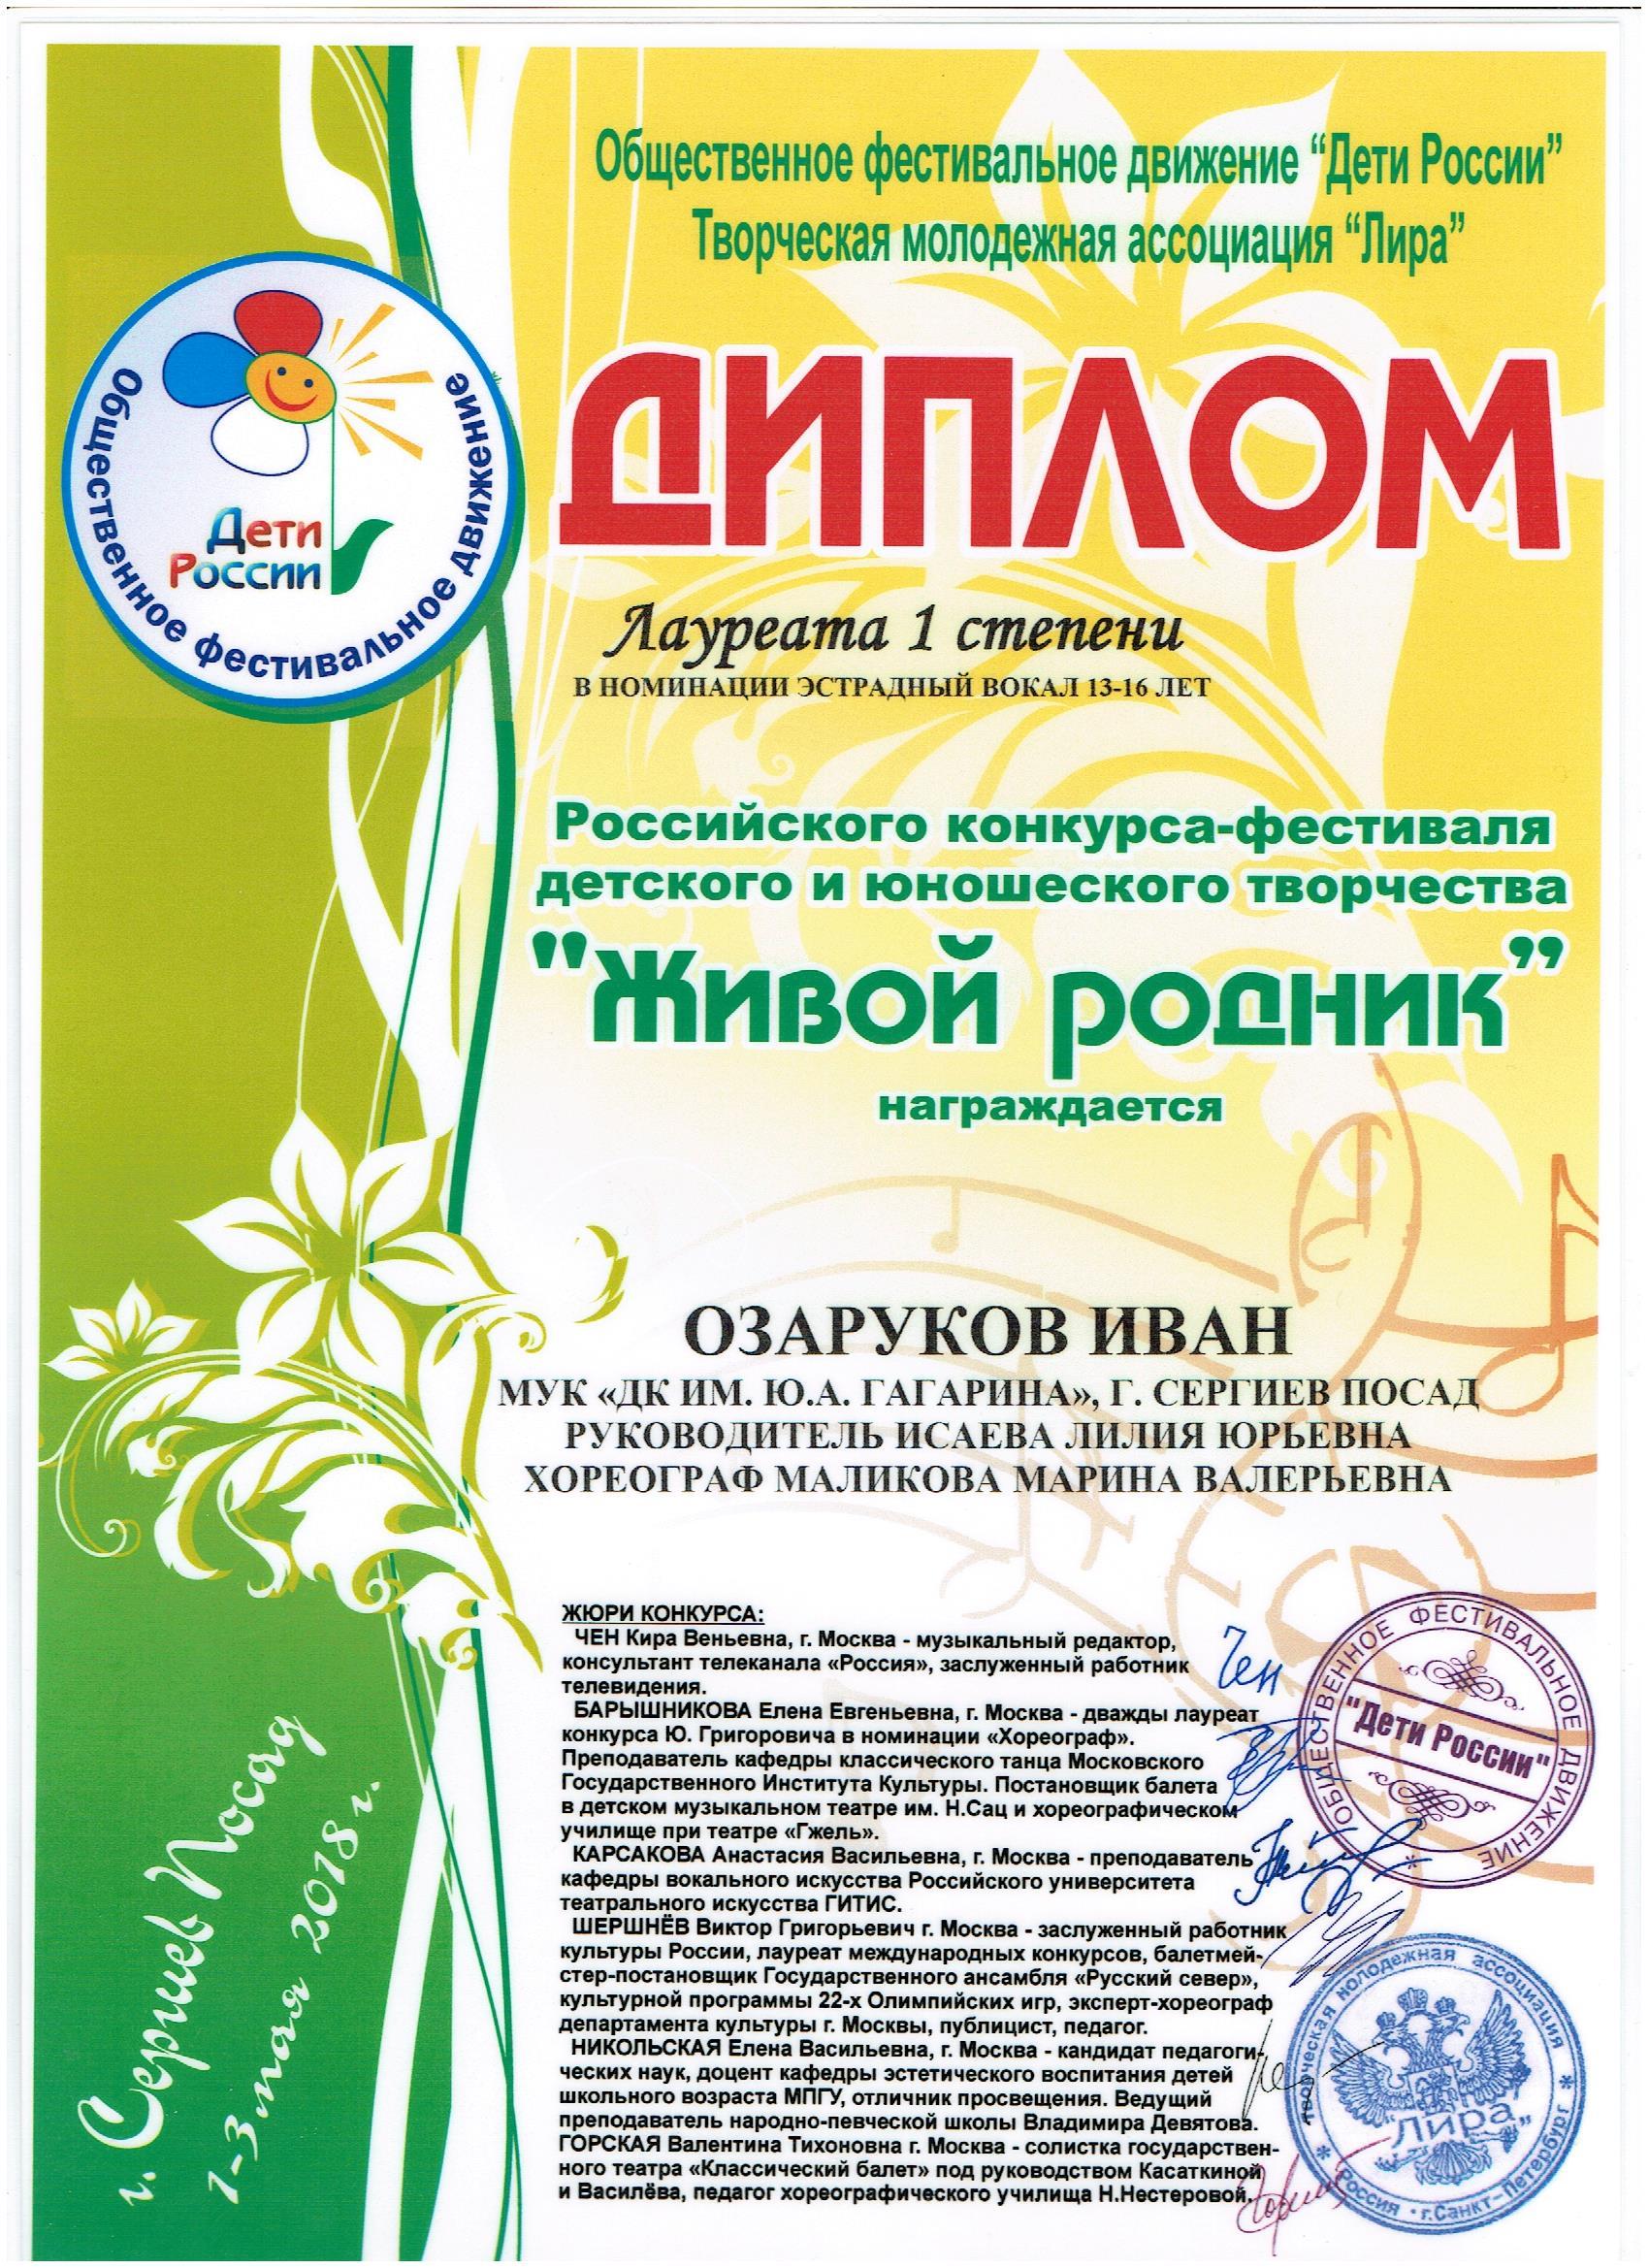 озаруков